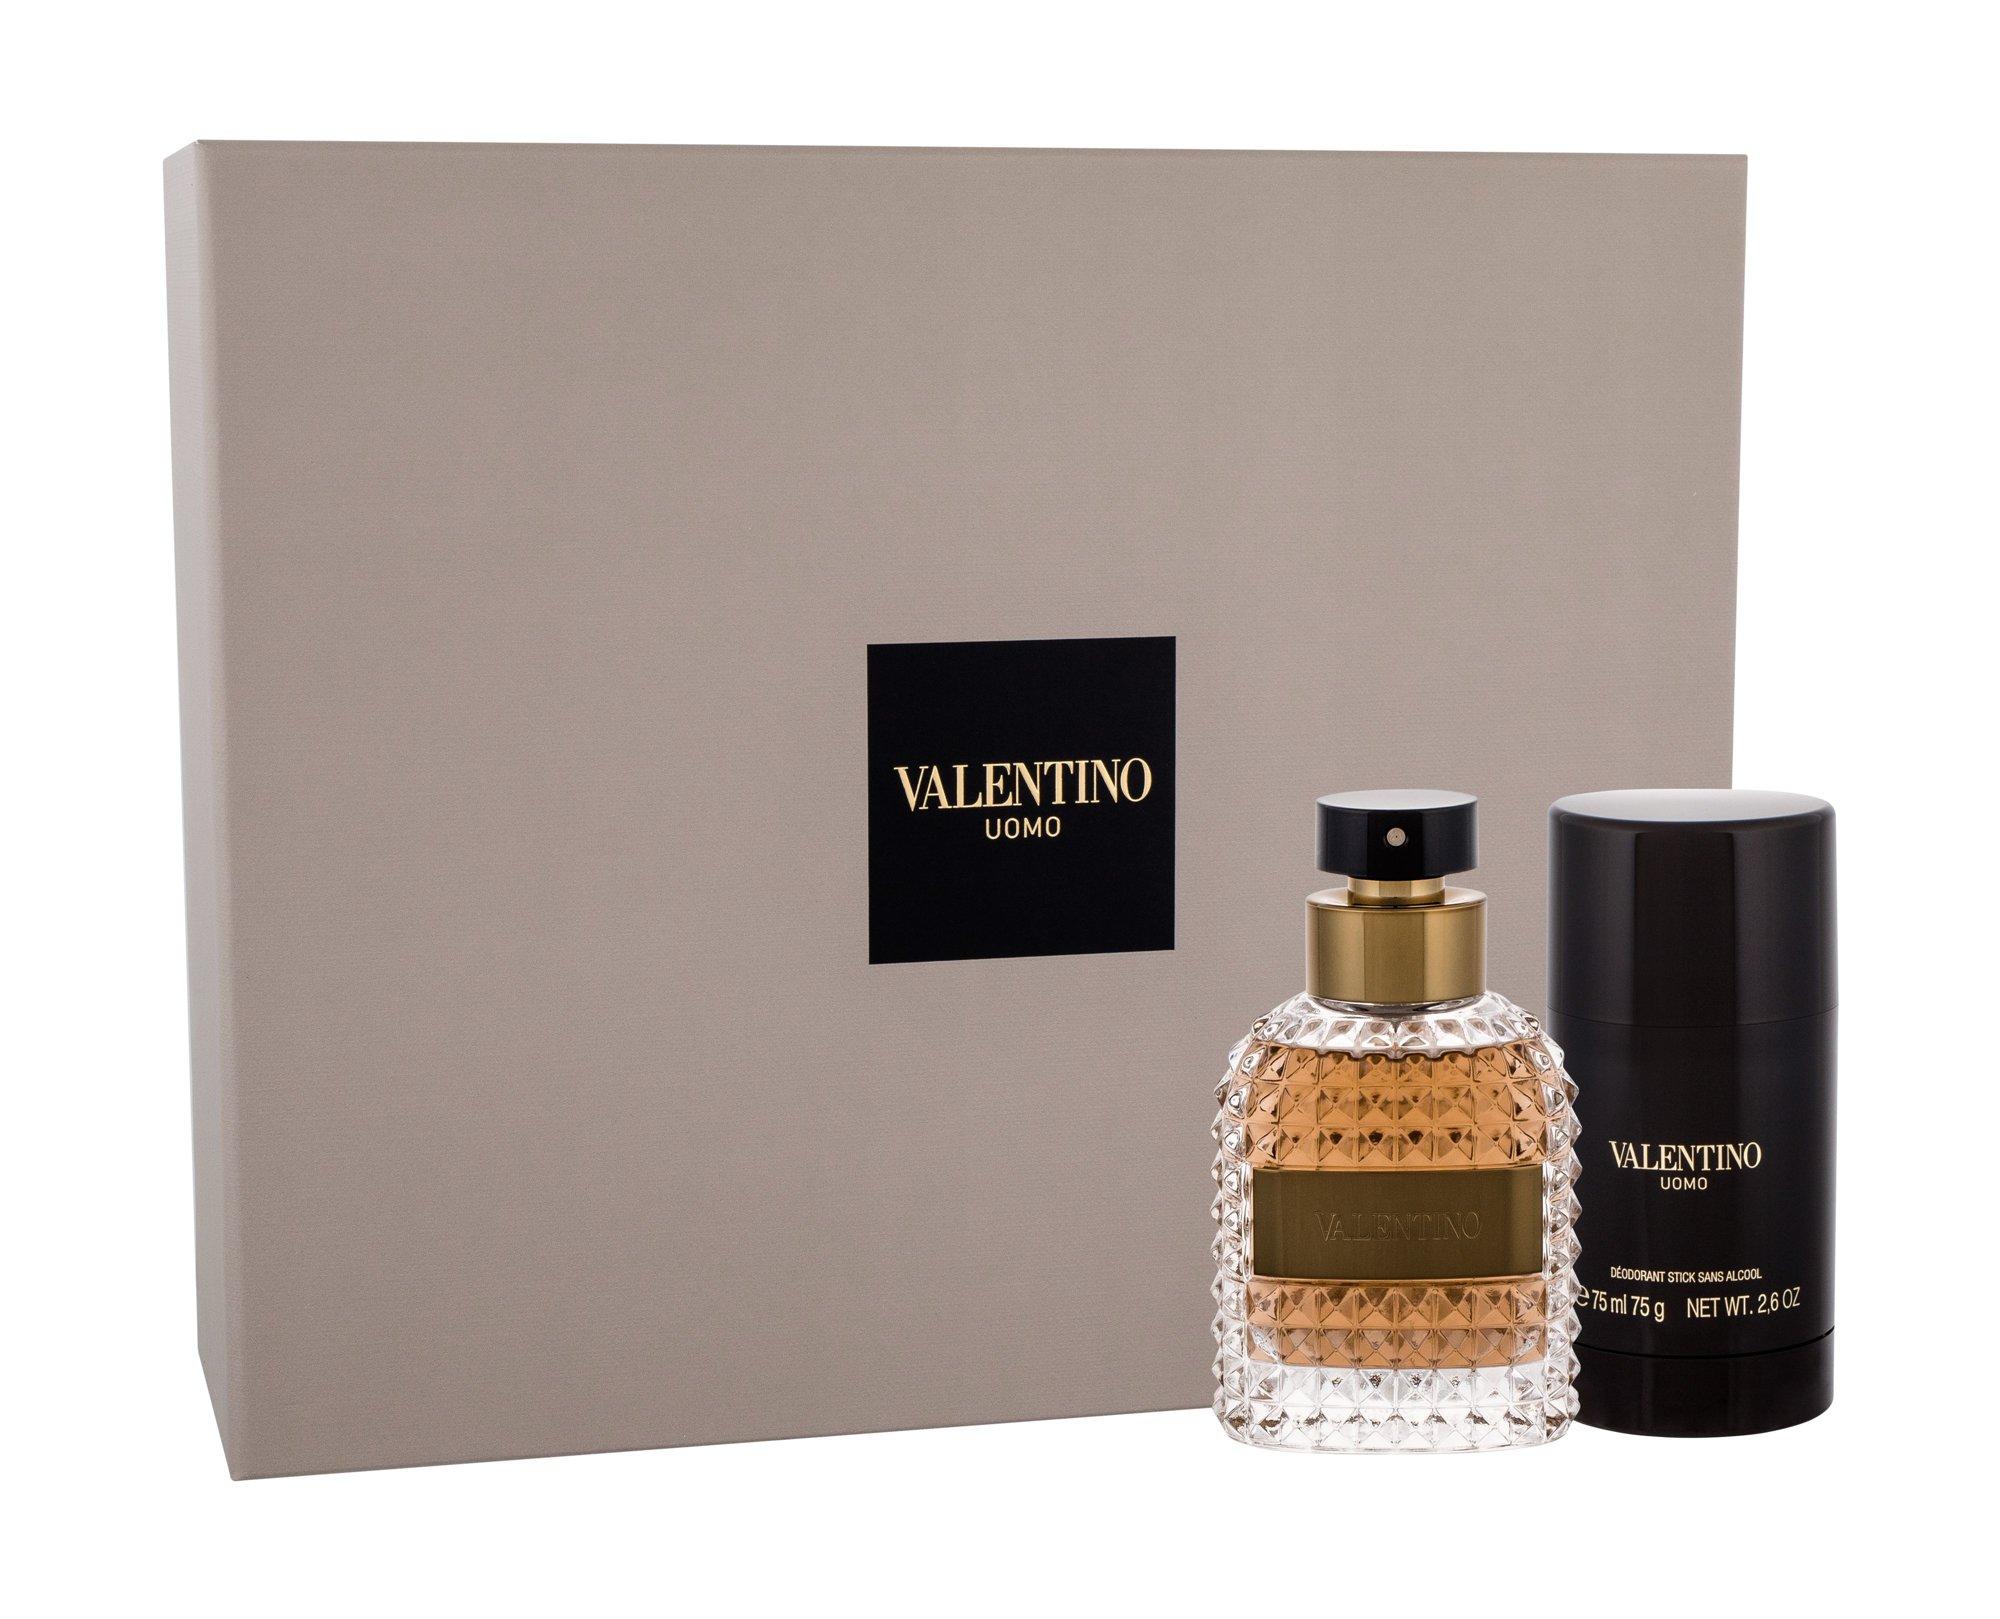 Valentino Valentino Uomo Eau de Toilette 50ml